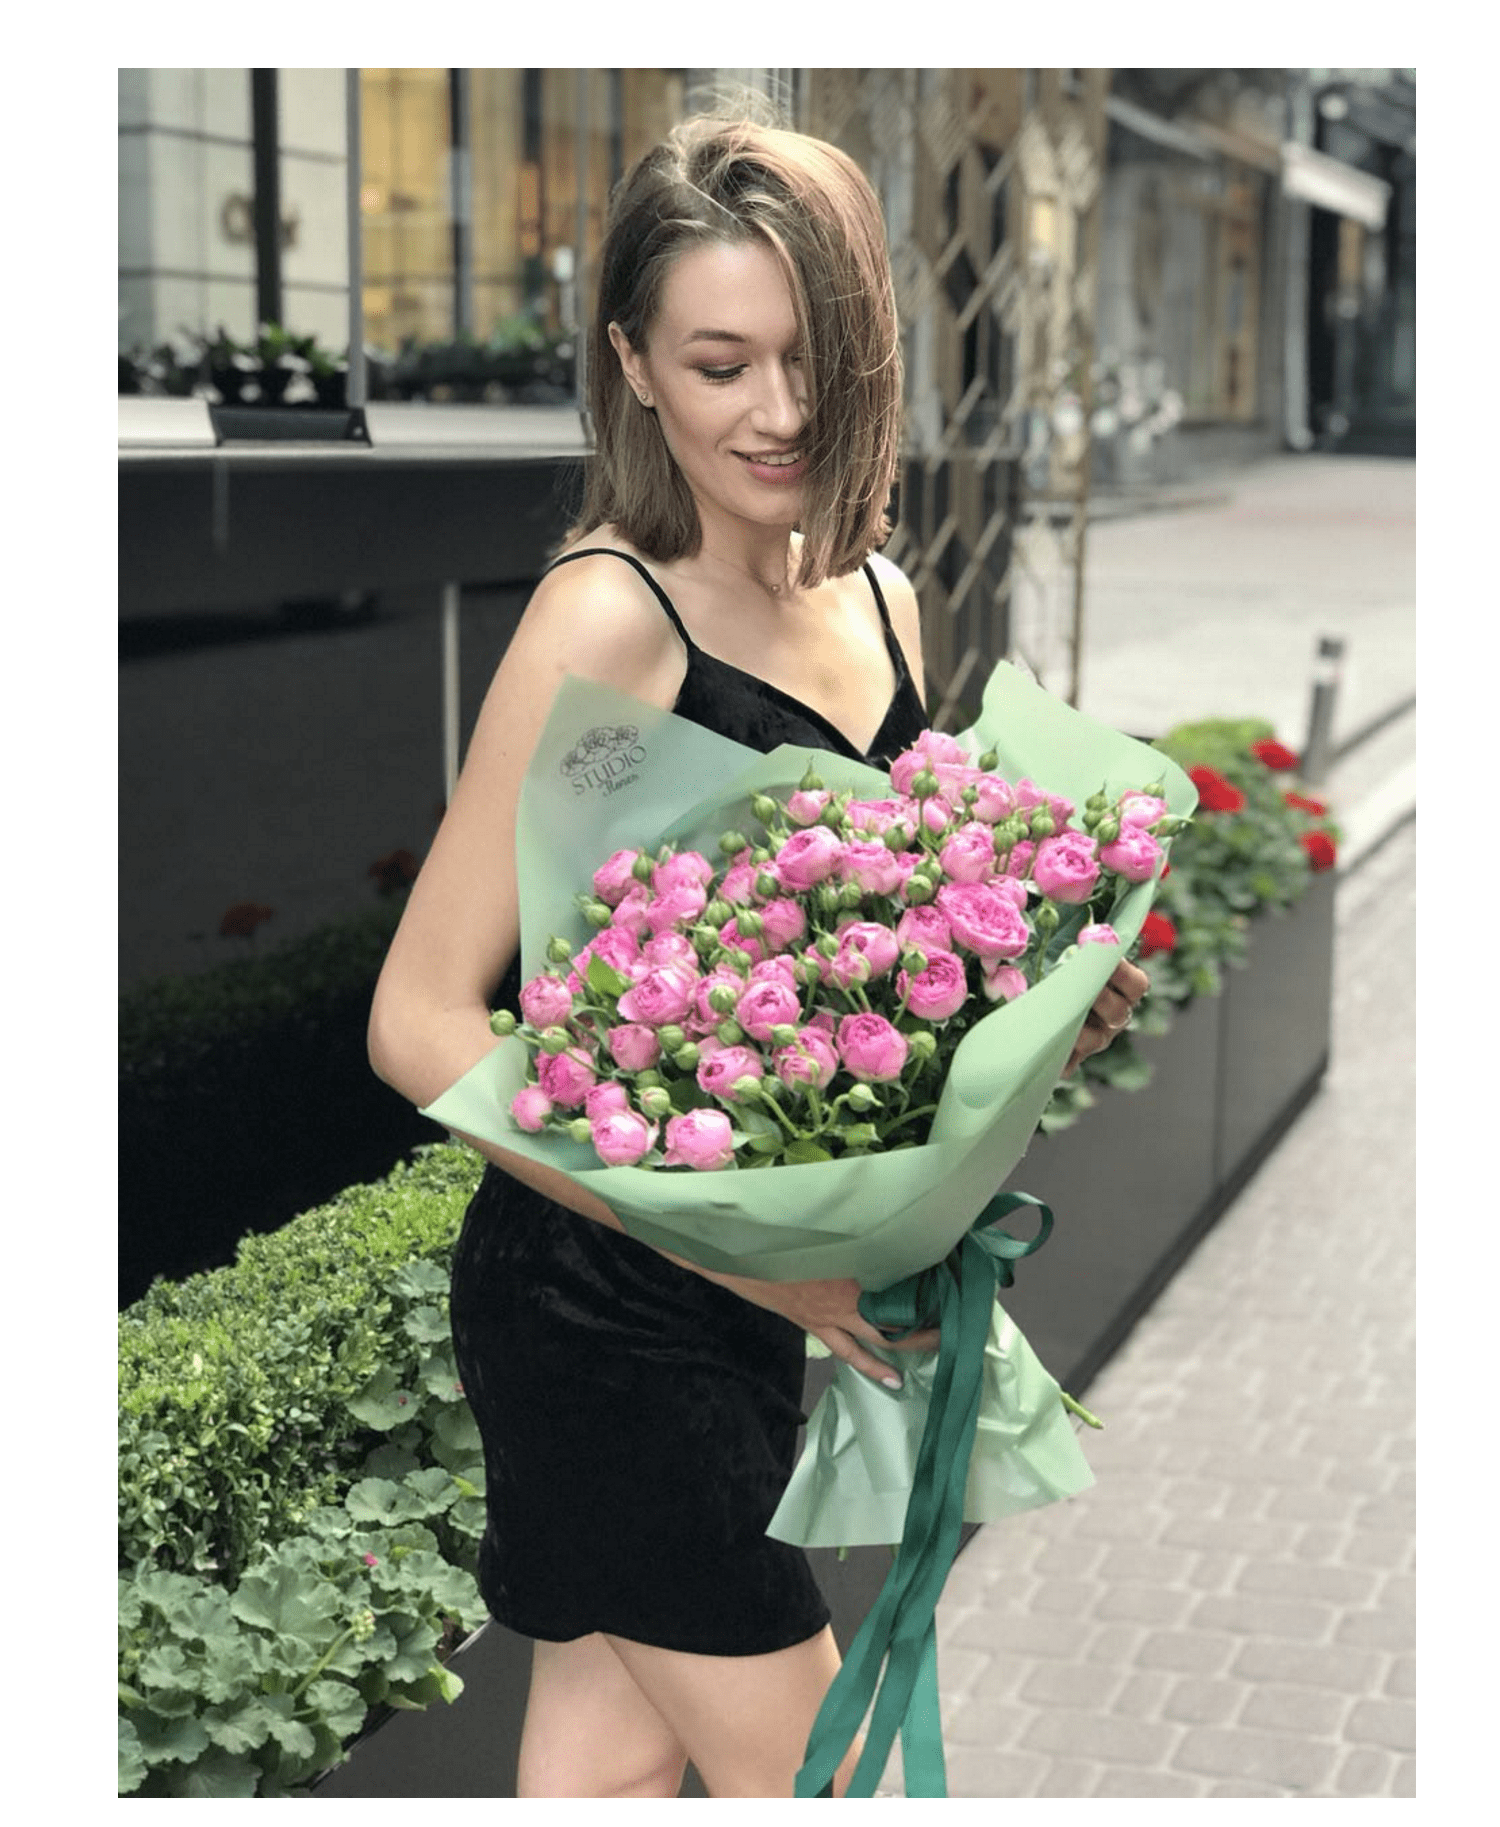 Букет 9 троянд Бомбастік – Інтернет-магазин квітів STUDIO Flores